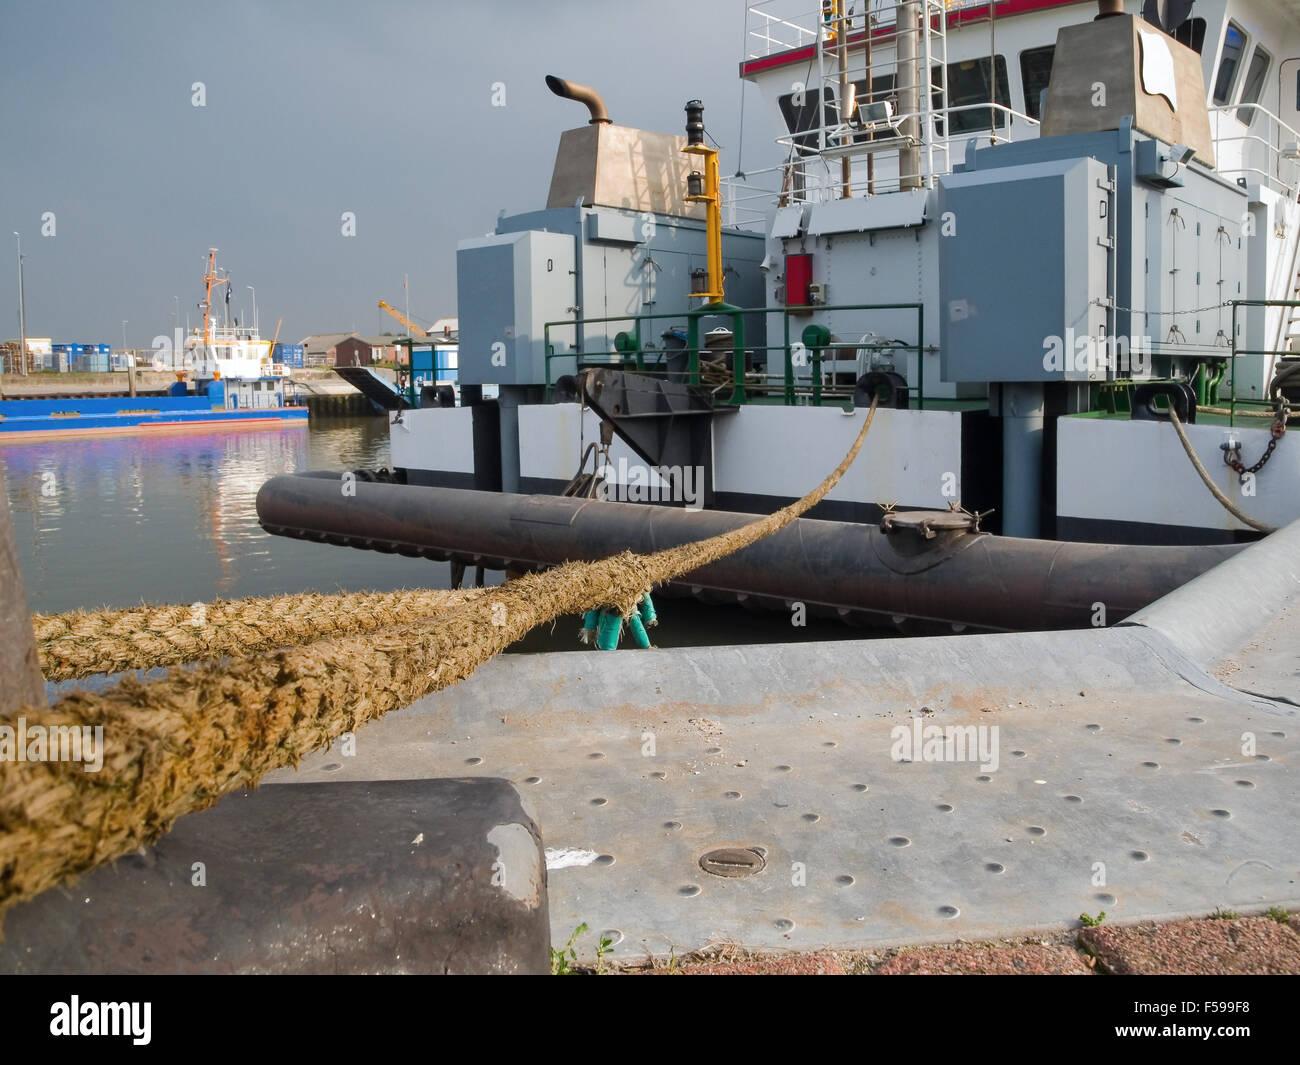 Amplio ángulo de visión plana angulada de succión visiblemente un buque en el puerto de Bensersiel; Perspectiva a lo largo de la soga del ancla Foto de stock